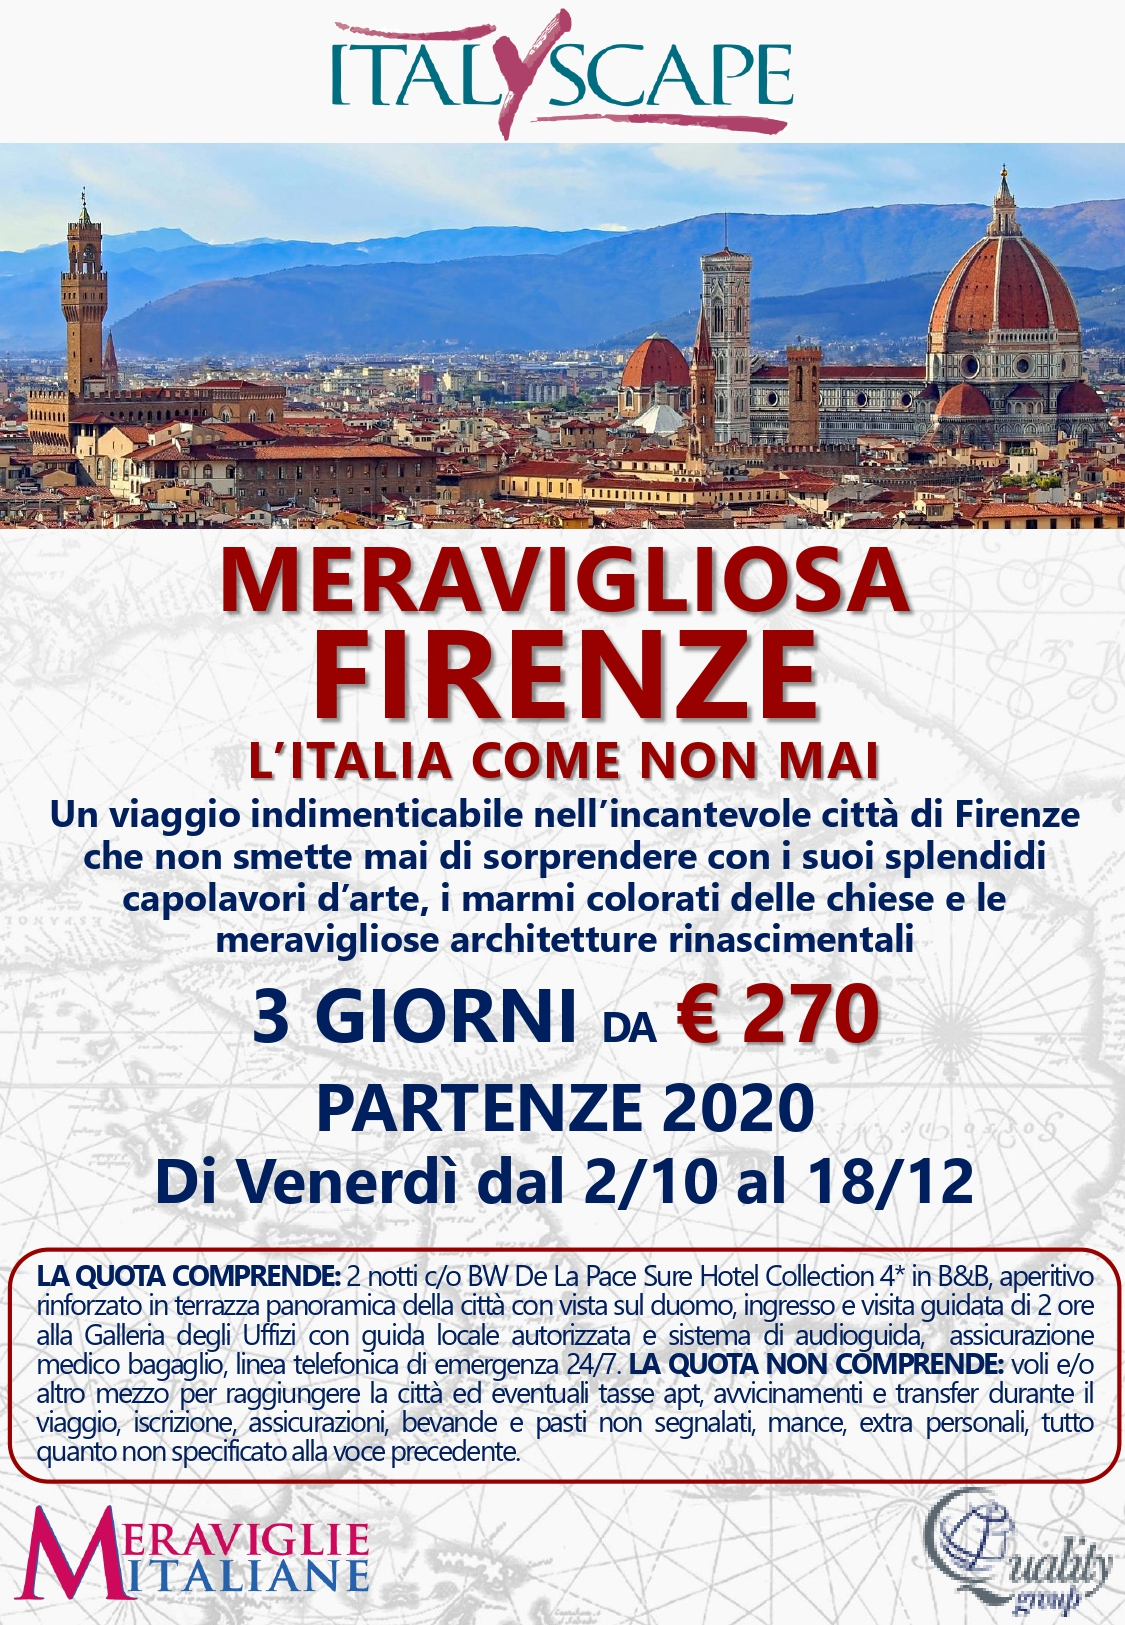 M20201219_FIRENZE MERAVIGLIOSA_page-0001